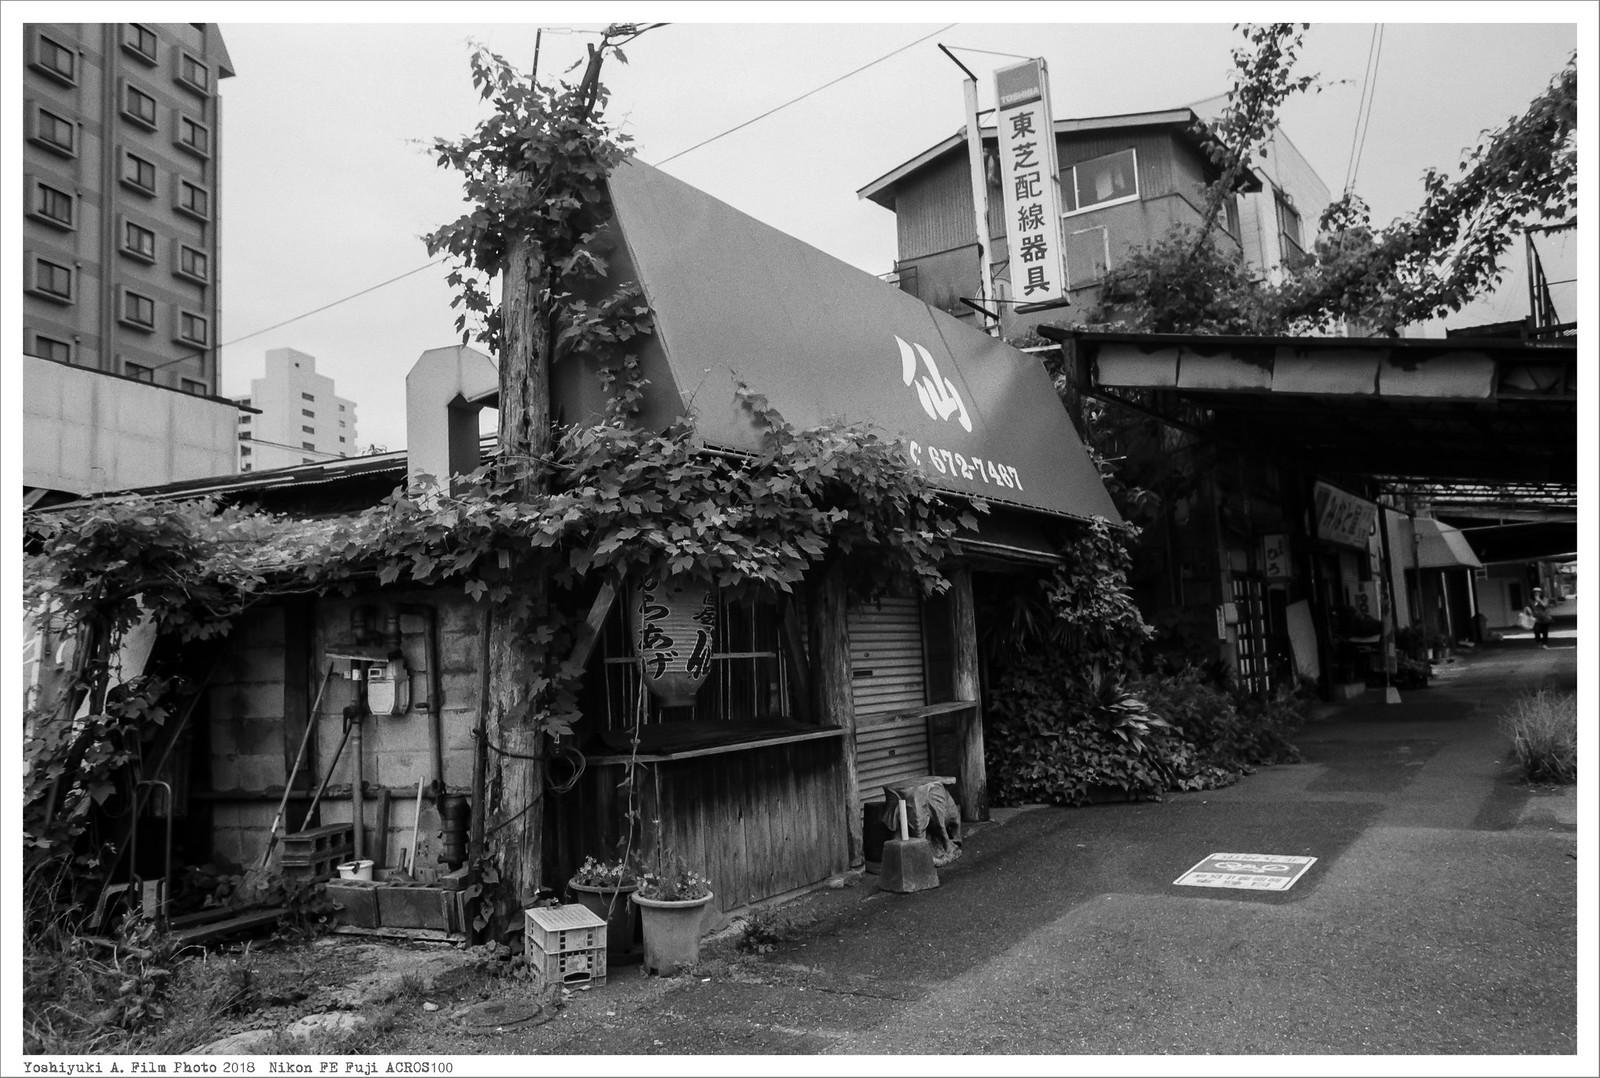 北九州市八幡東区西本町 Nikon_FE_Fuji_Acros100__89